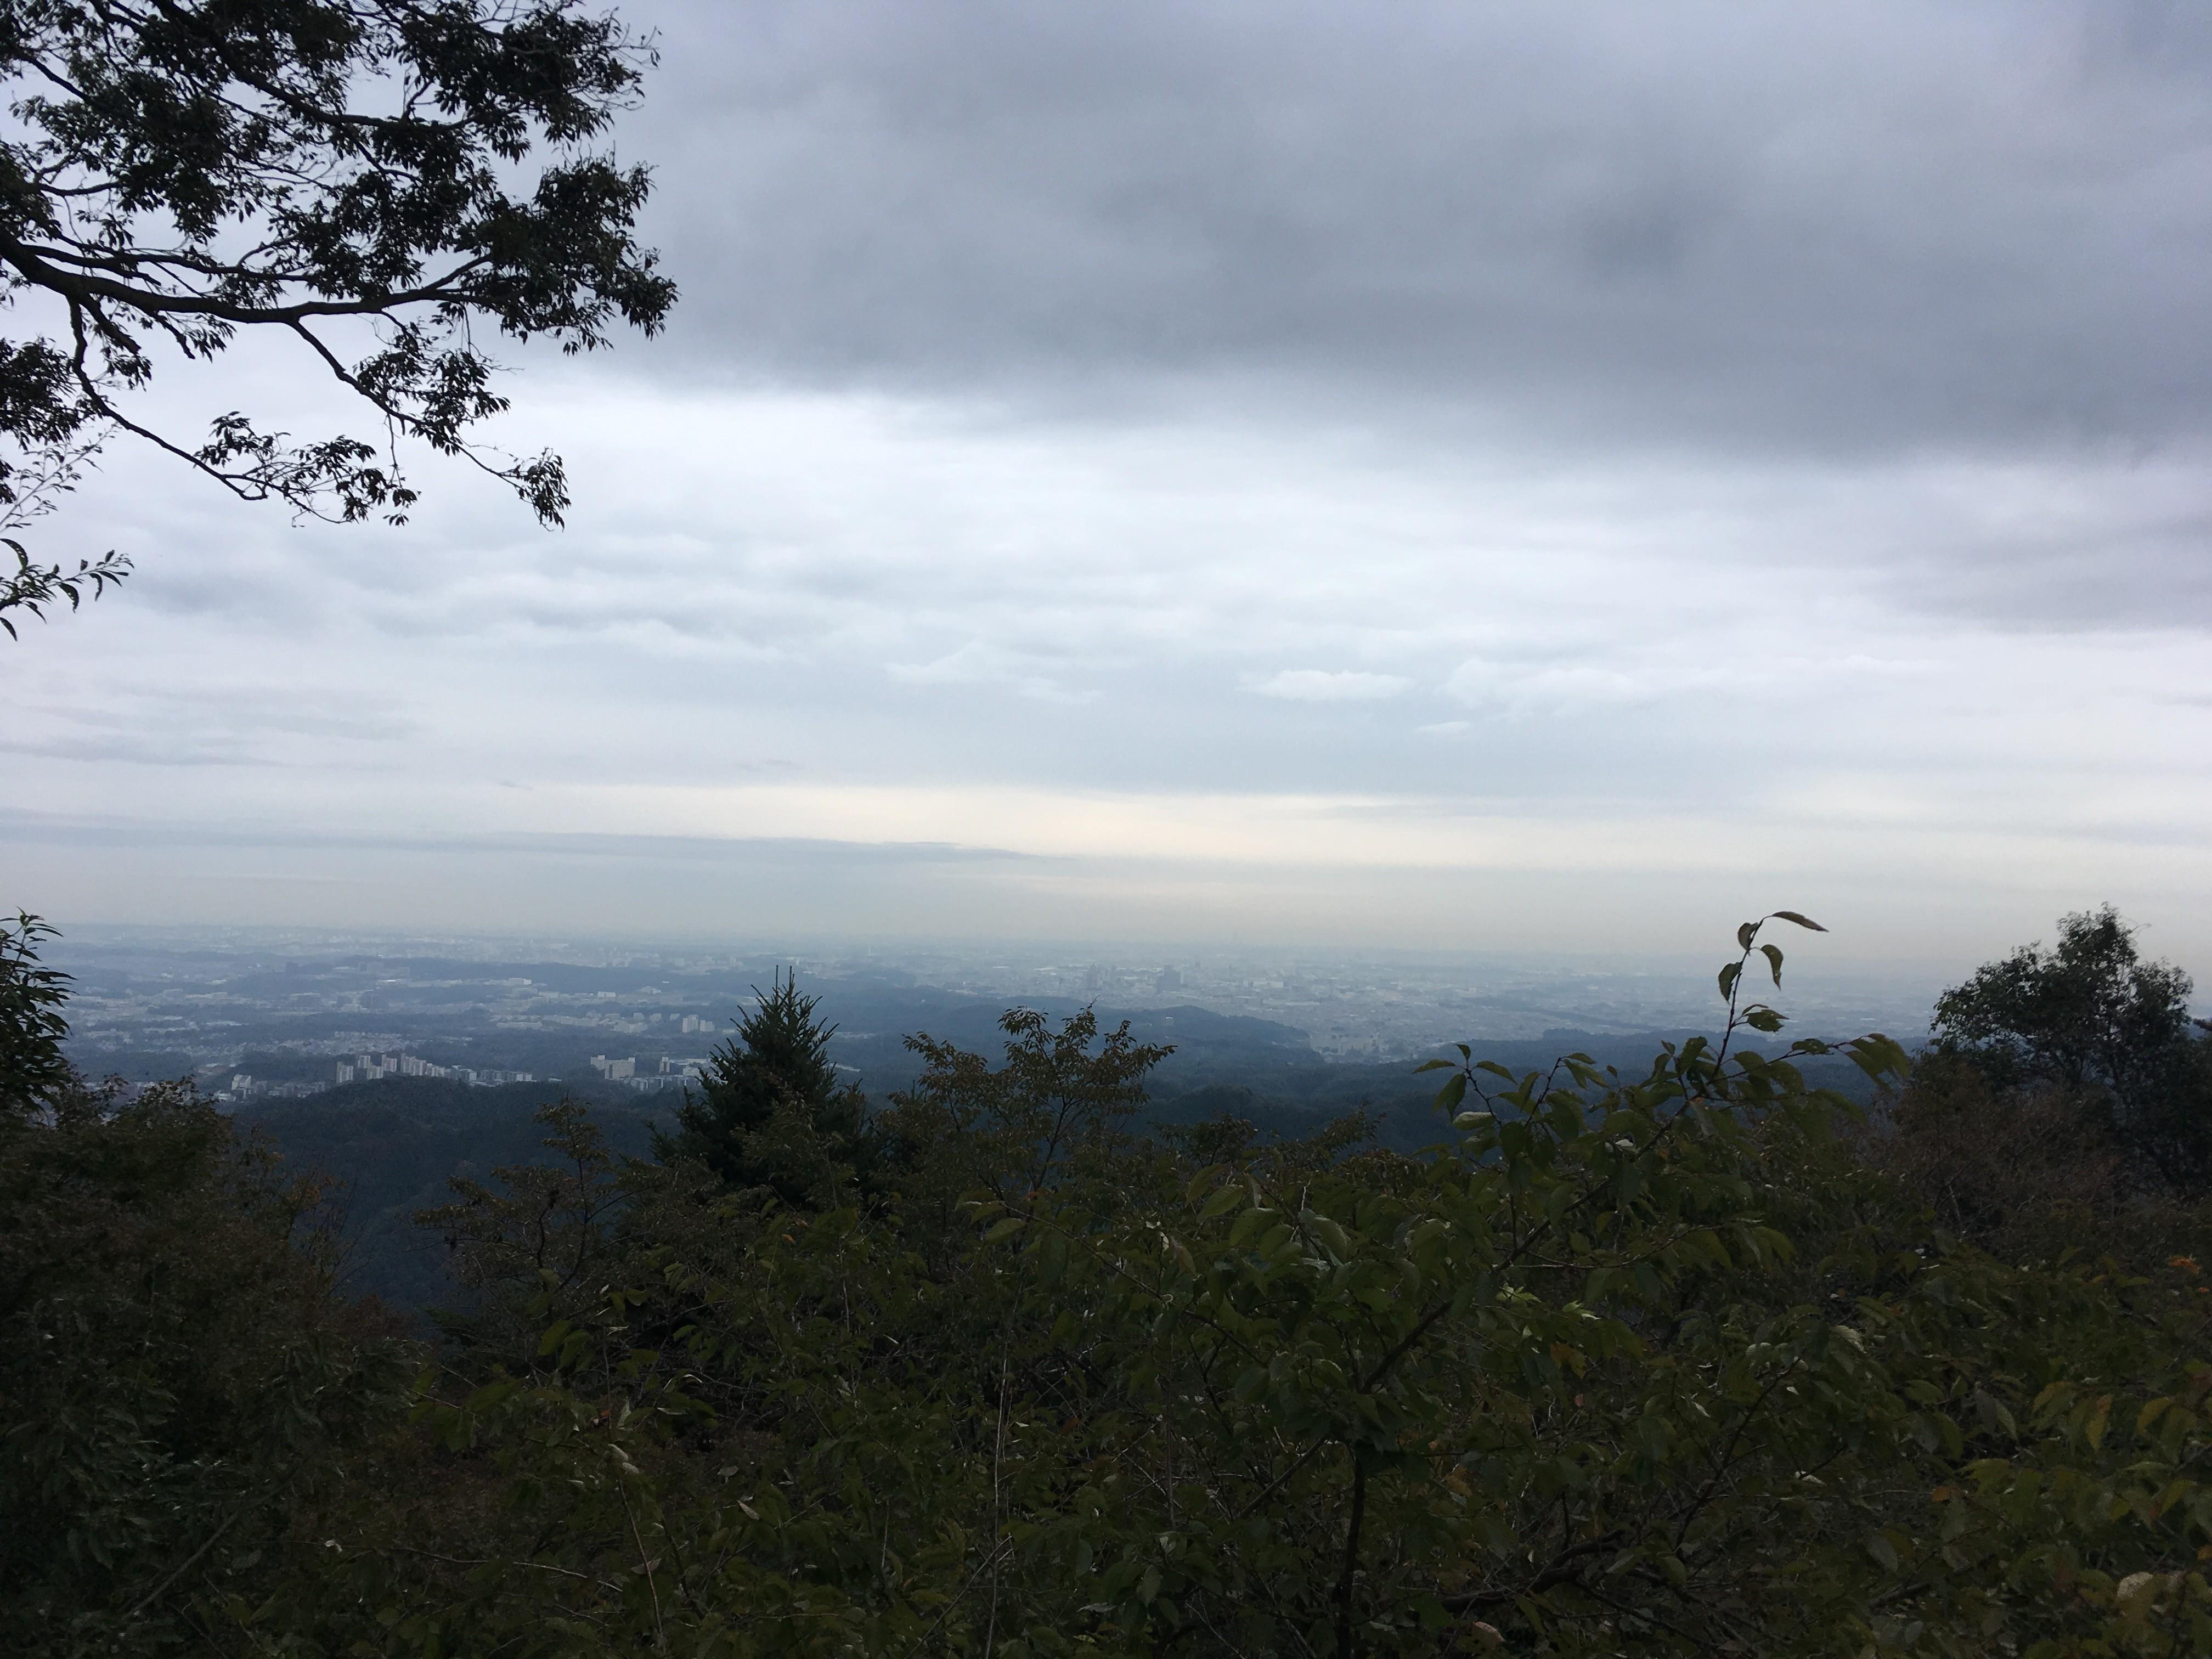 高尾山ケーブルカー駅展望台からの景観